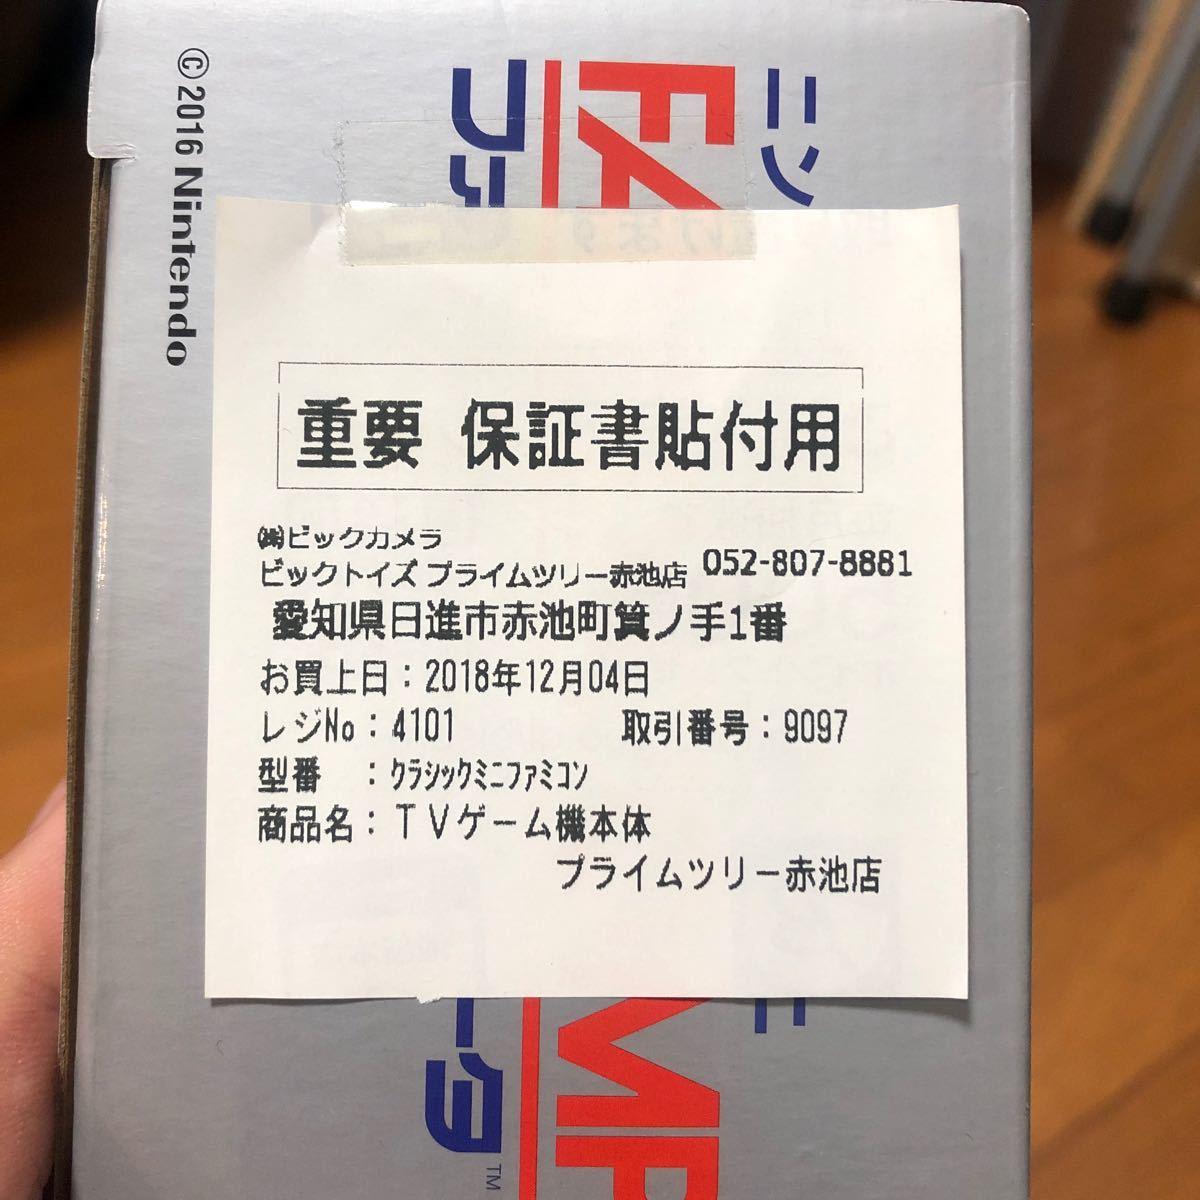 【1回使用】任天堂クラシックミニ ファミリーコンピュータ